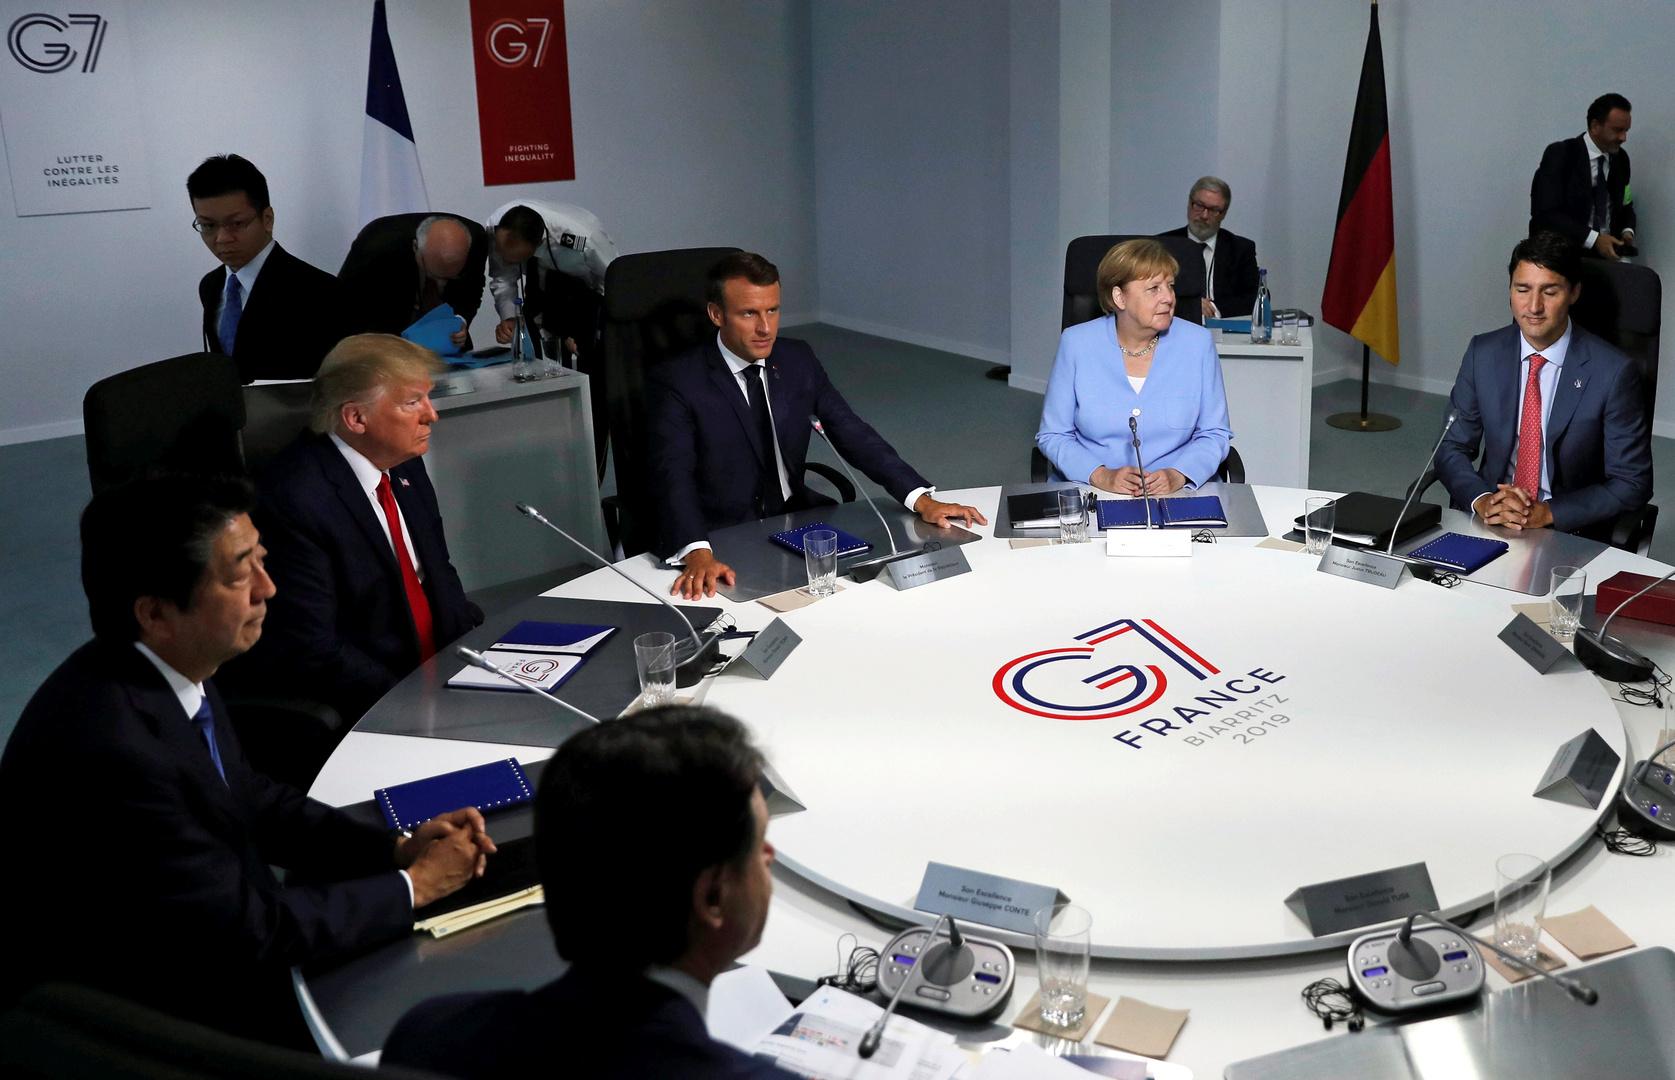 اجتماع قمة السبع في فرنسا، أرشيف